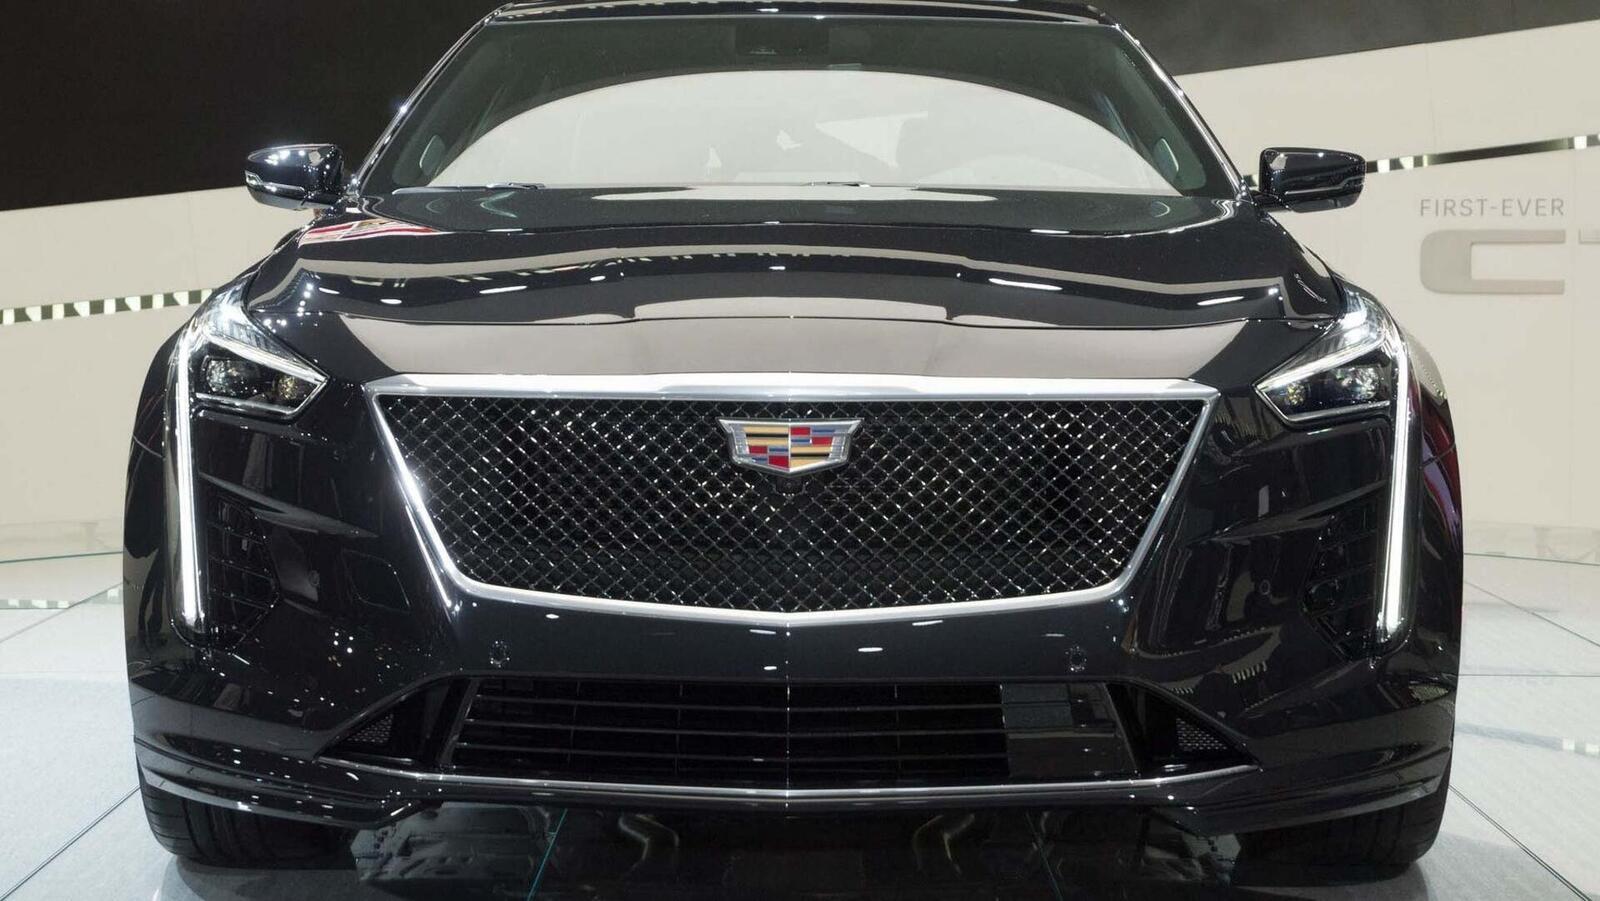 Cadillac mang CT6 V-Sport 2019 đến triển lãm ô tô New York 2018 - Hình 3